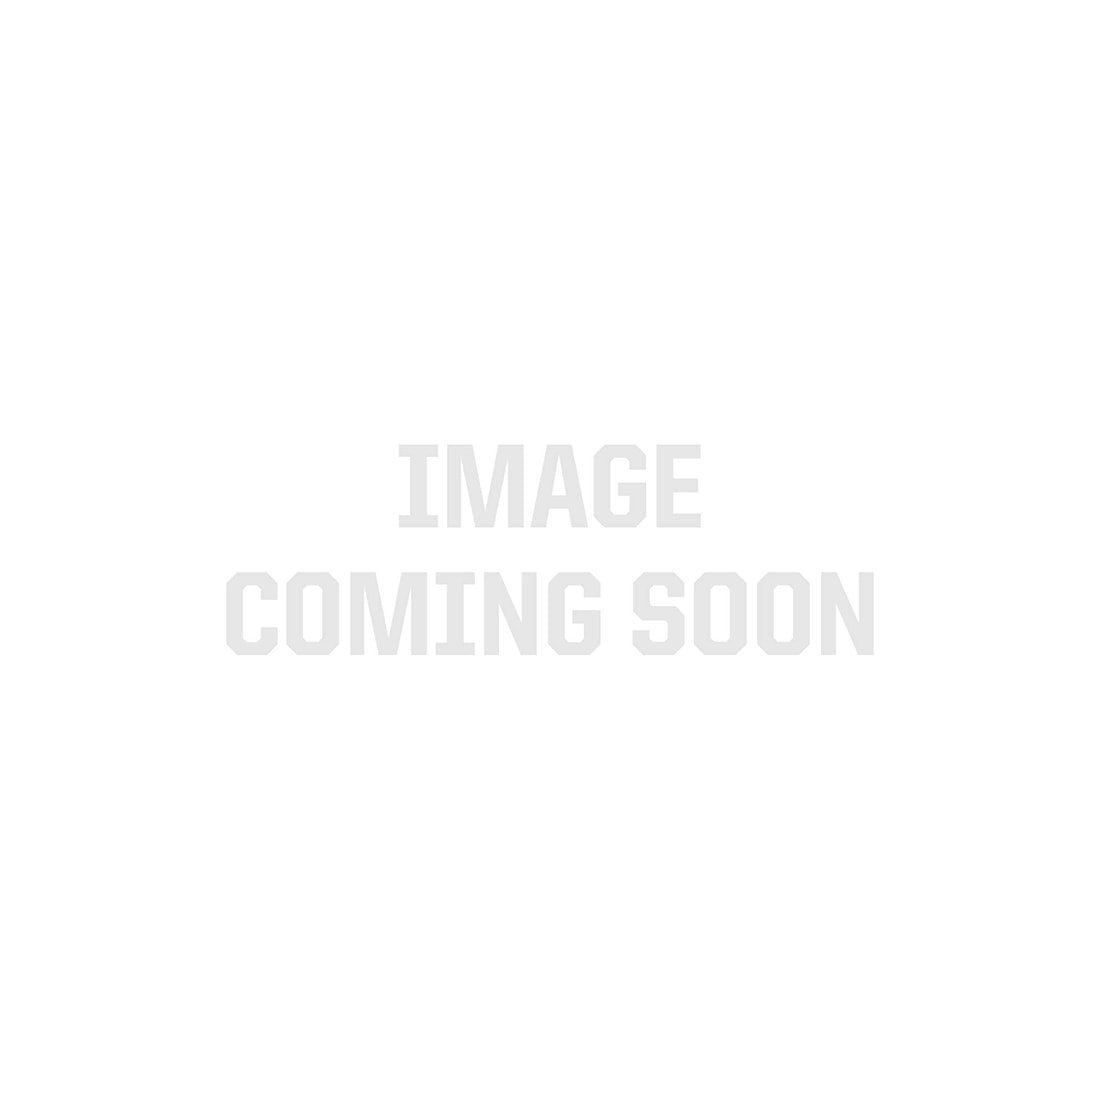 Neutral White 3528 Quad Row LED Strip Light, 450/m, 28mm wide, Sample Kit